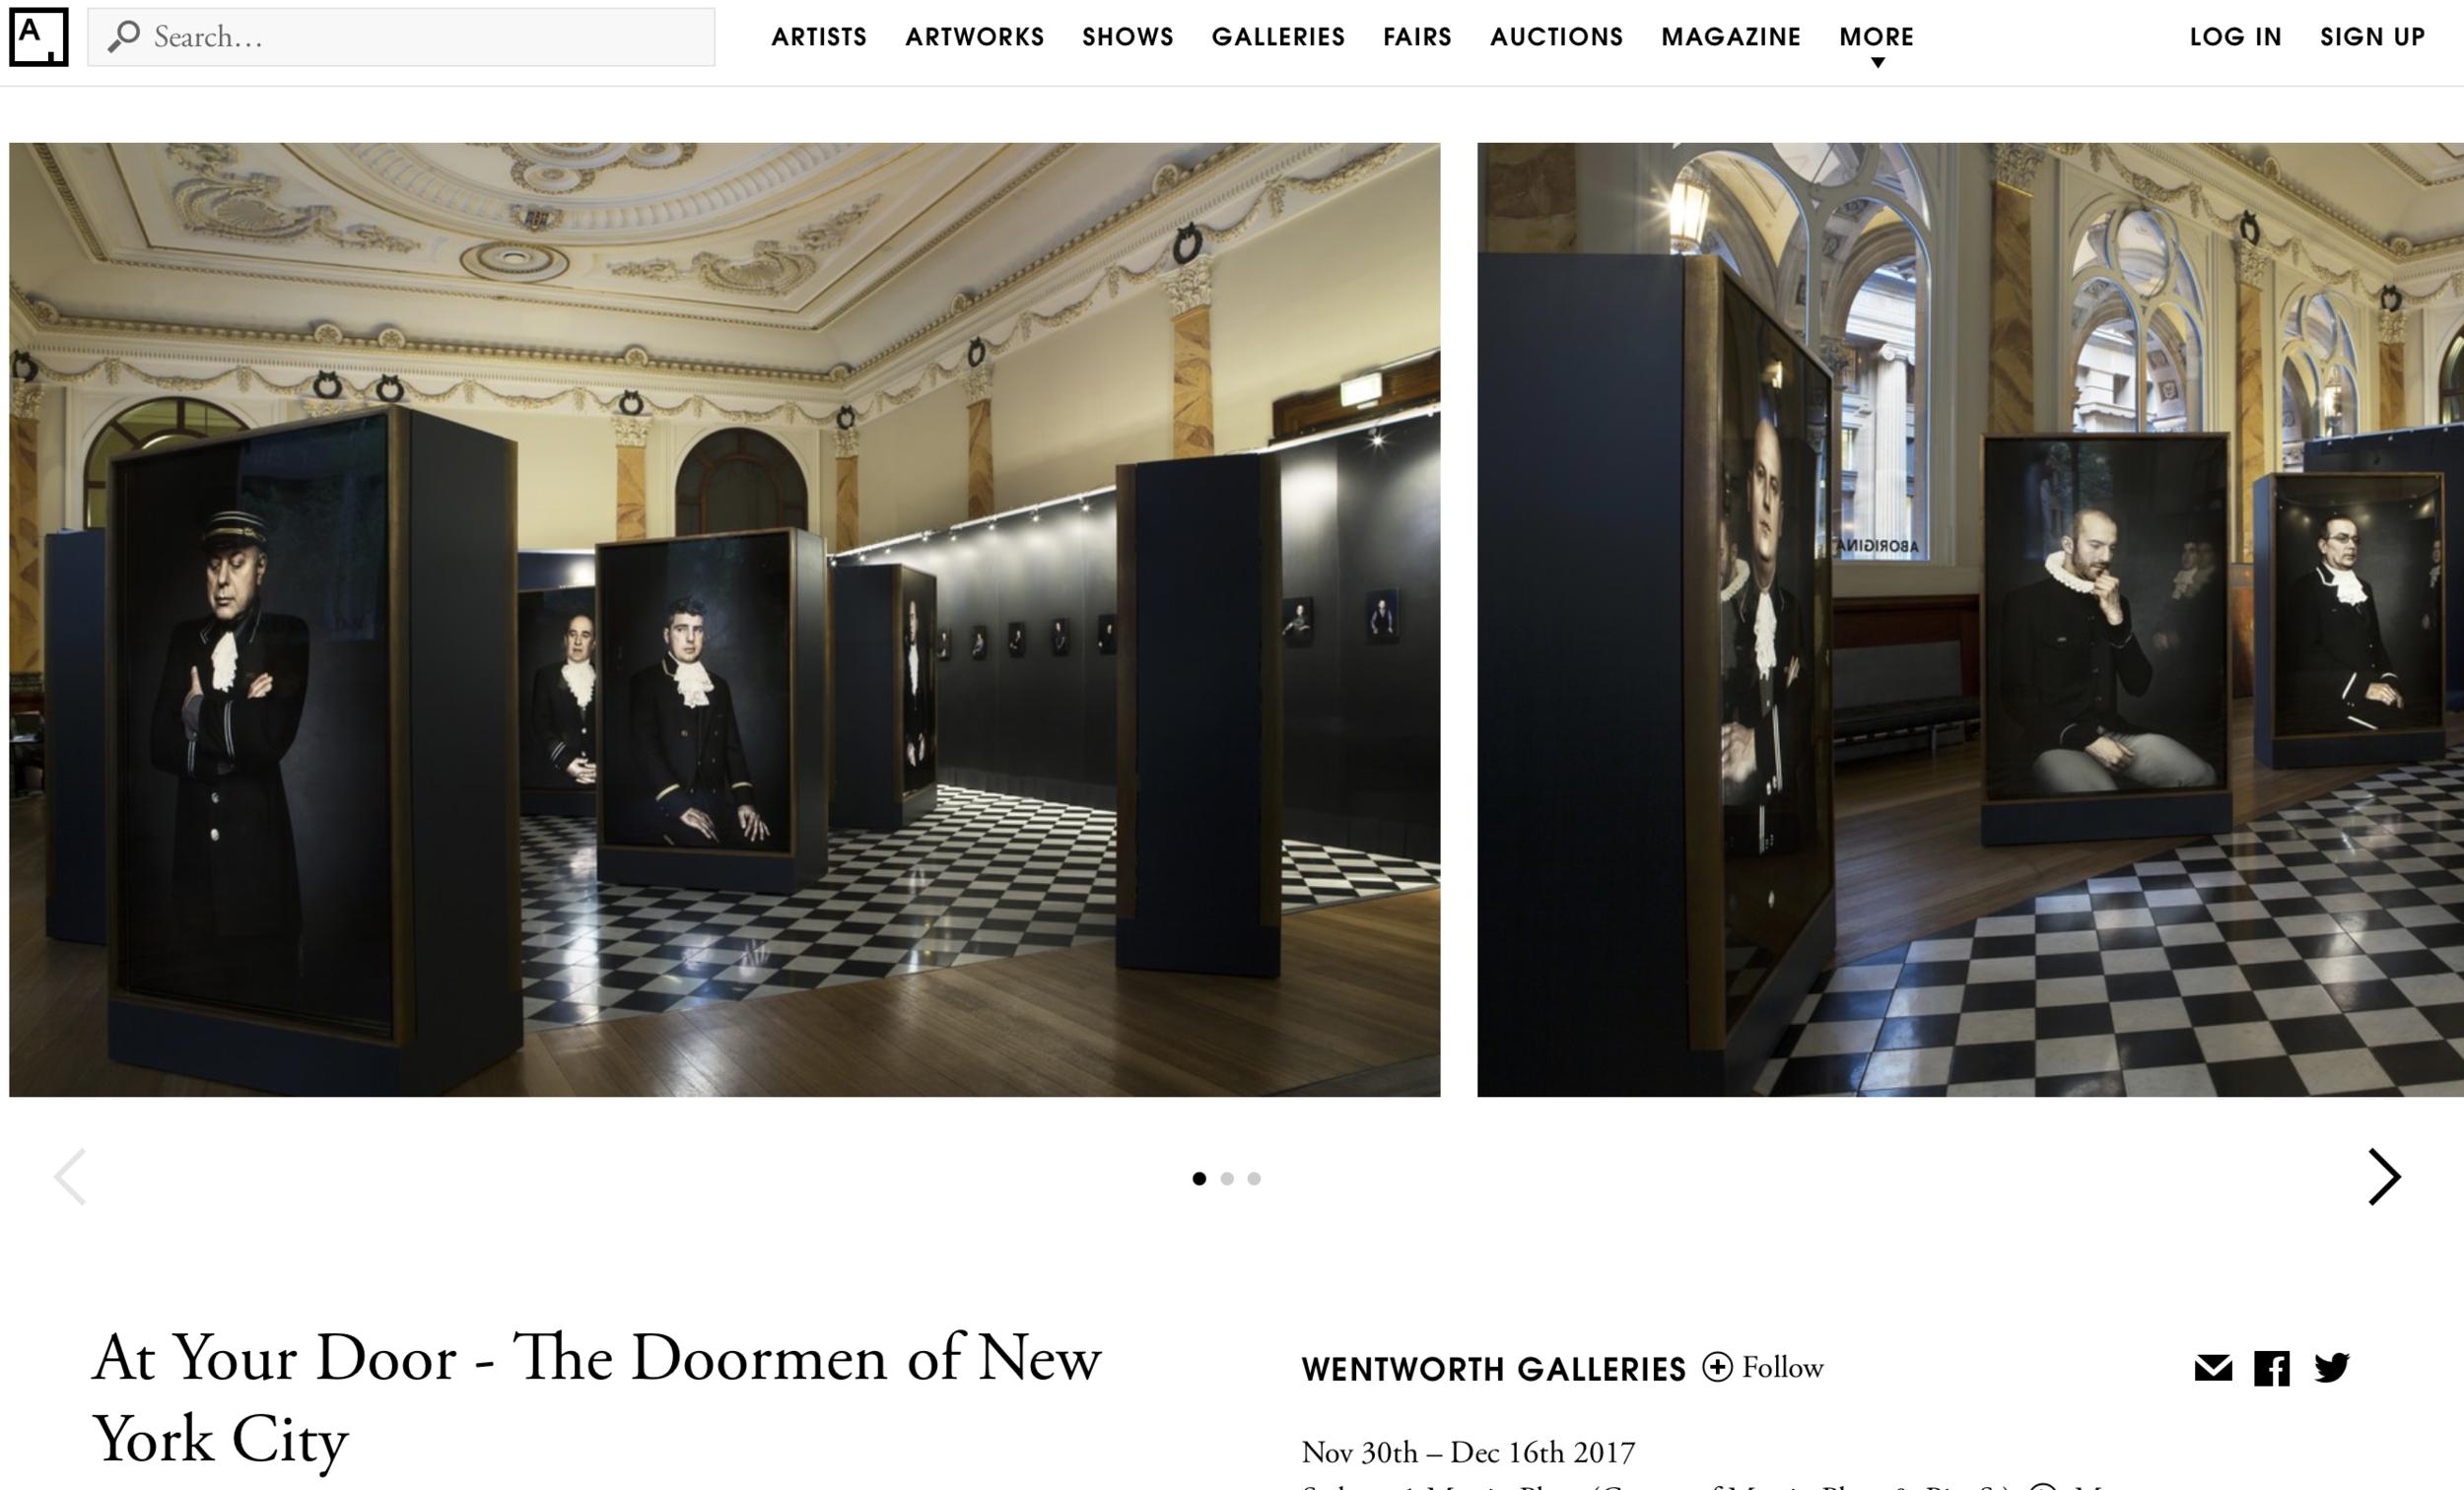 www.artsy.net/show/wentworth-galleries-at-your-door-the-doormen-of-new-york-city -